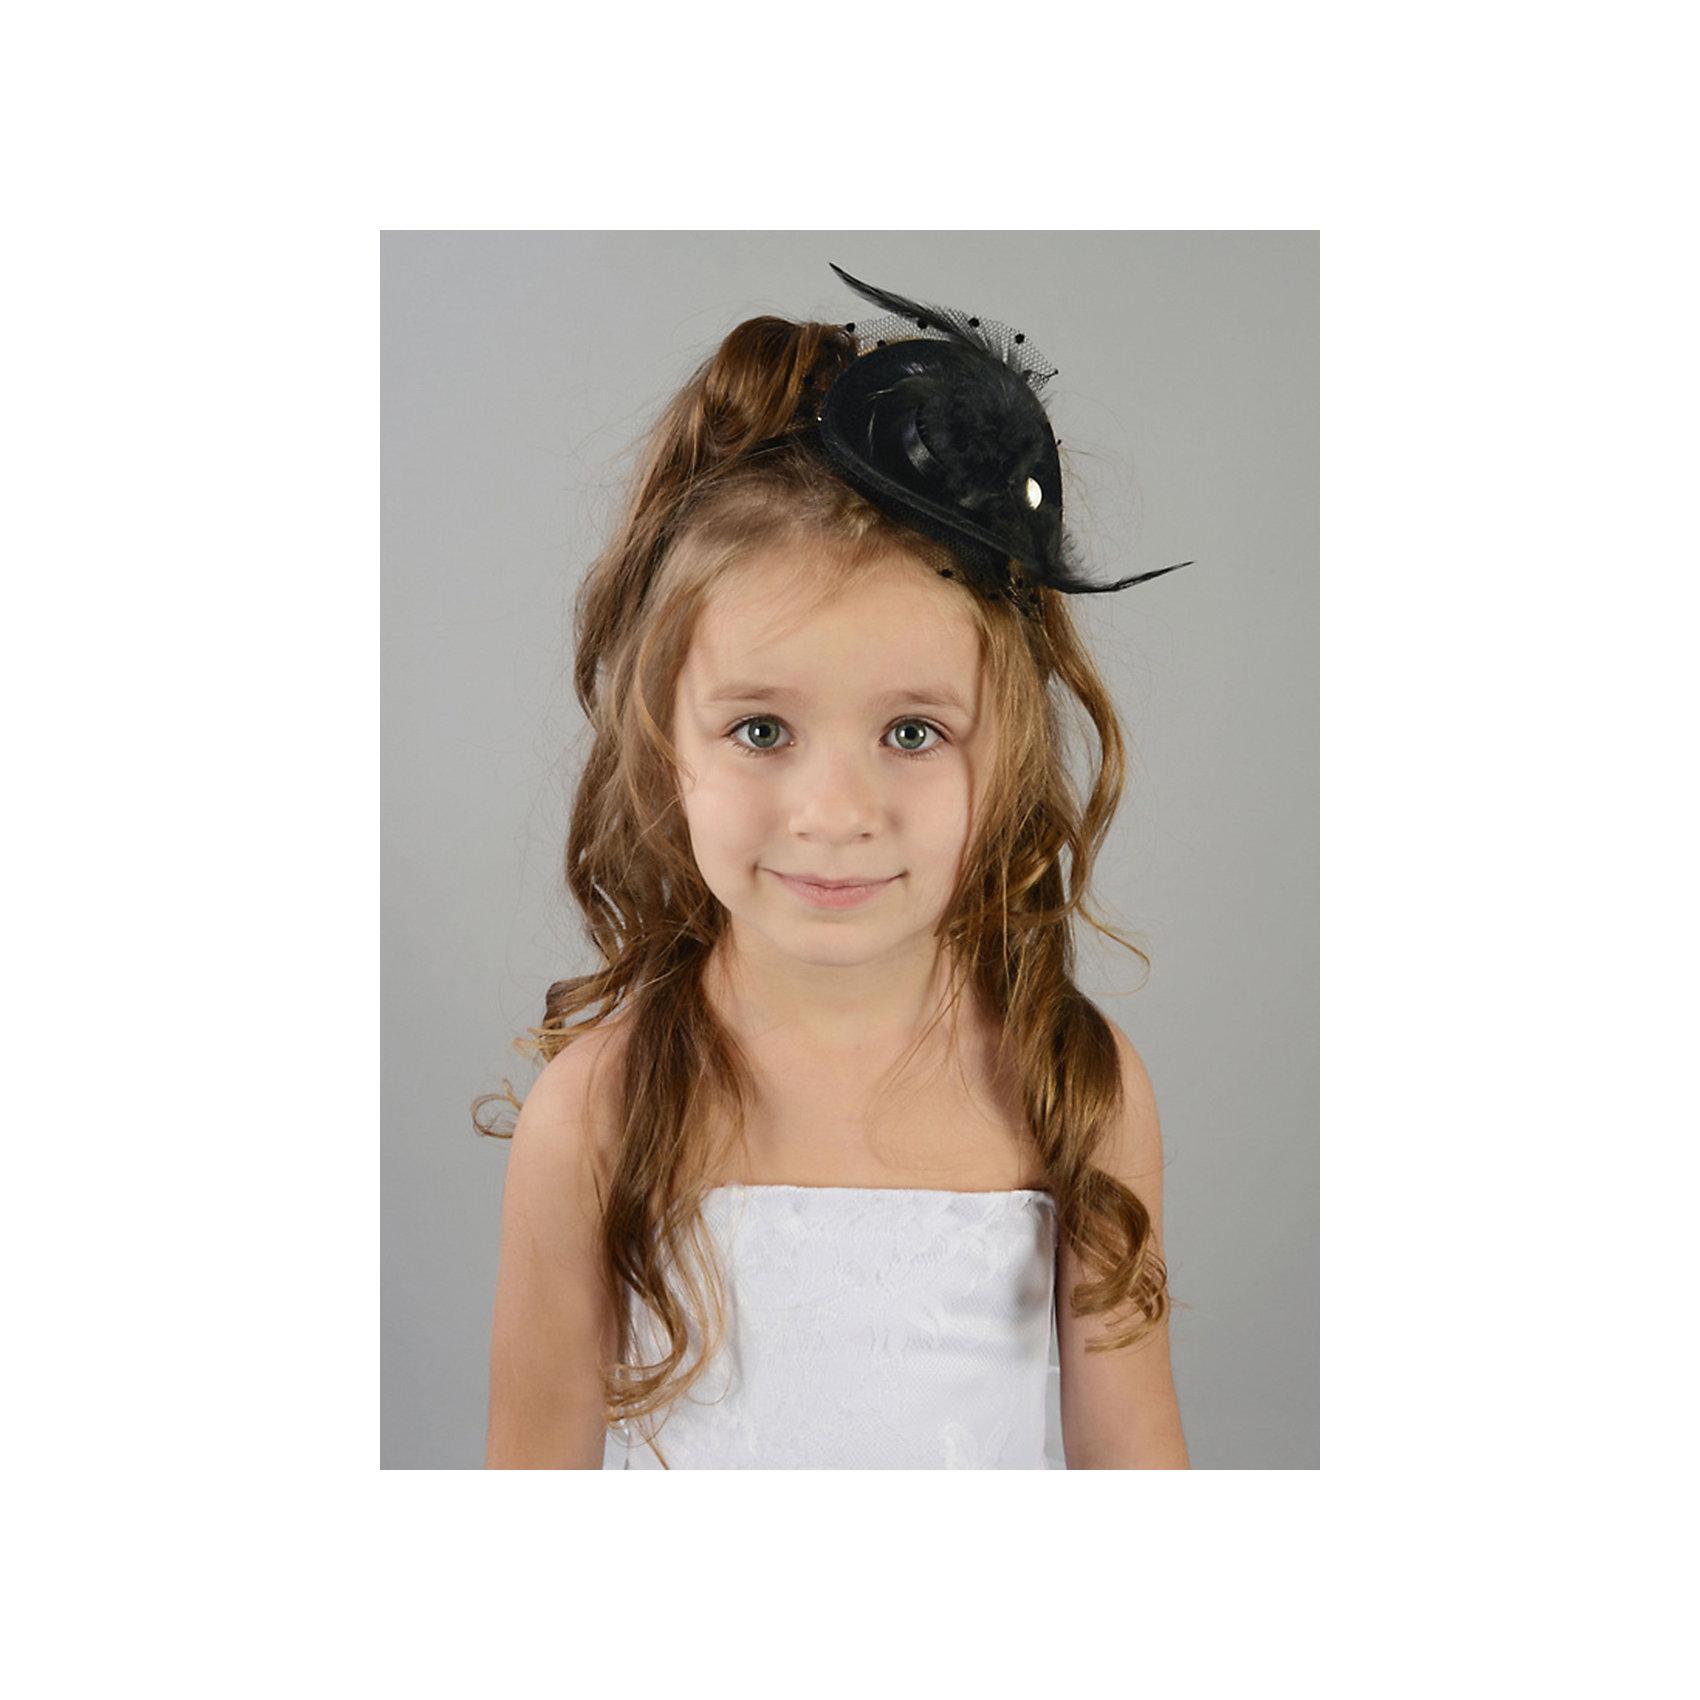 Престиж Нарядная шляпа-ободок Престиж ободок для девочки mnx9 белый бэби ко